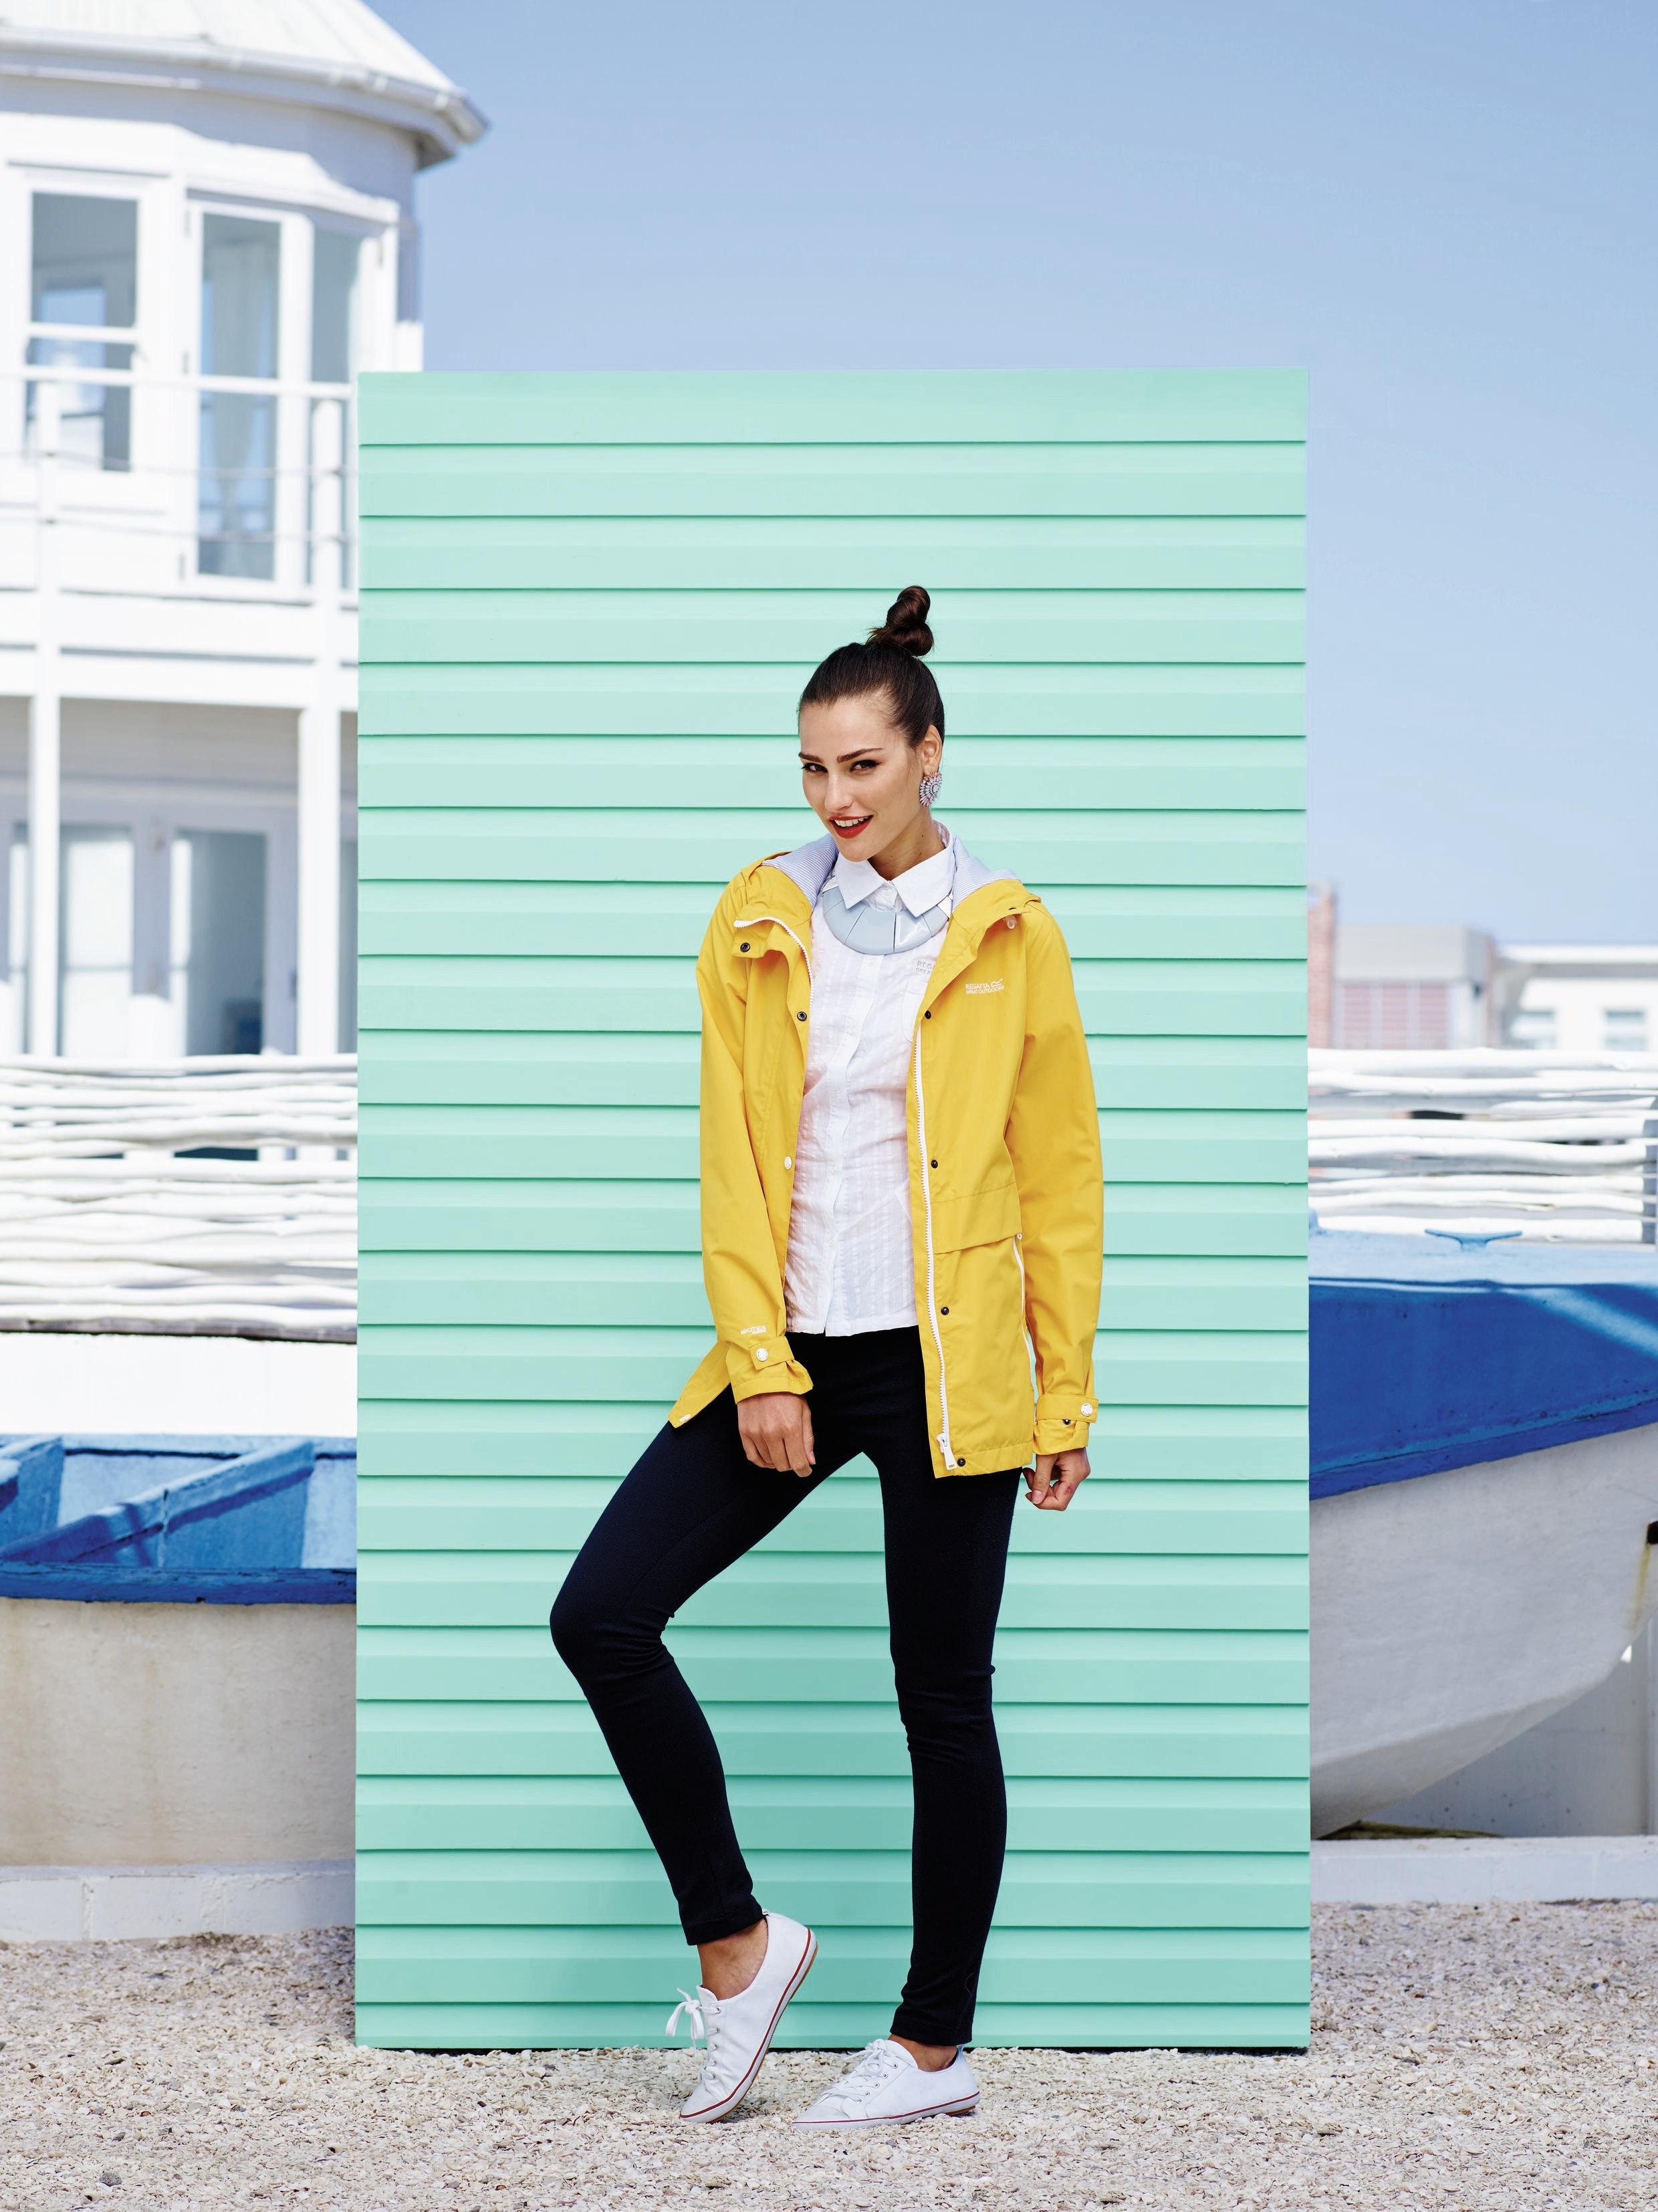 High res beach fashion womans 4